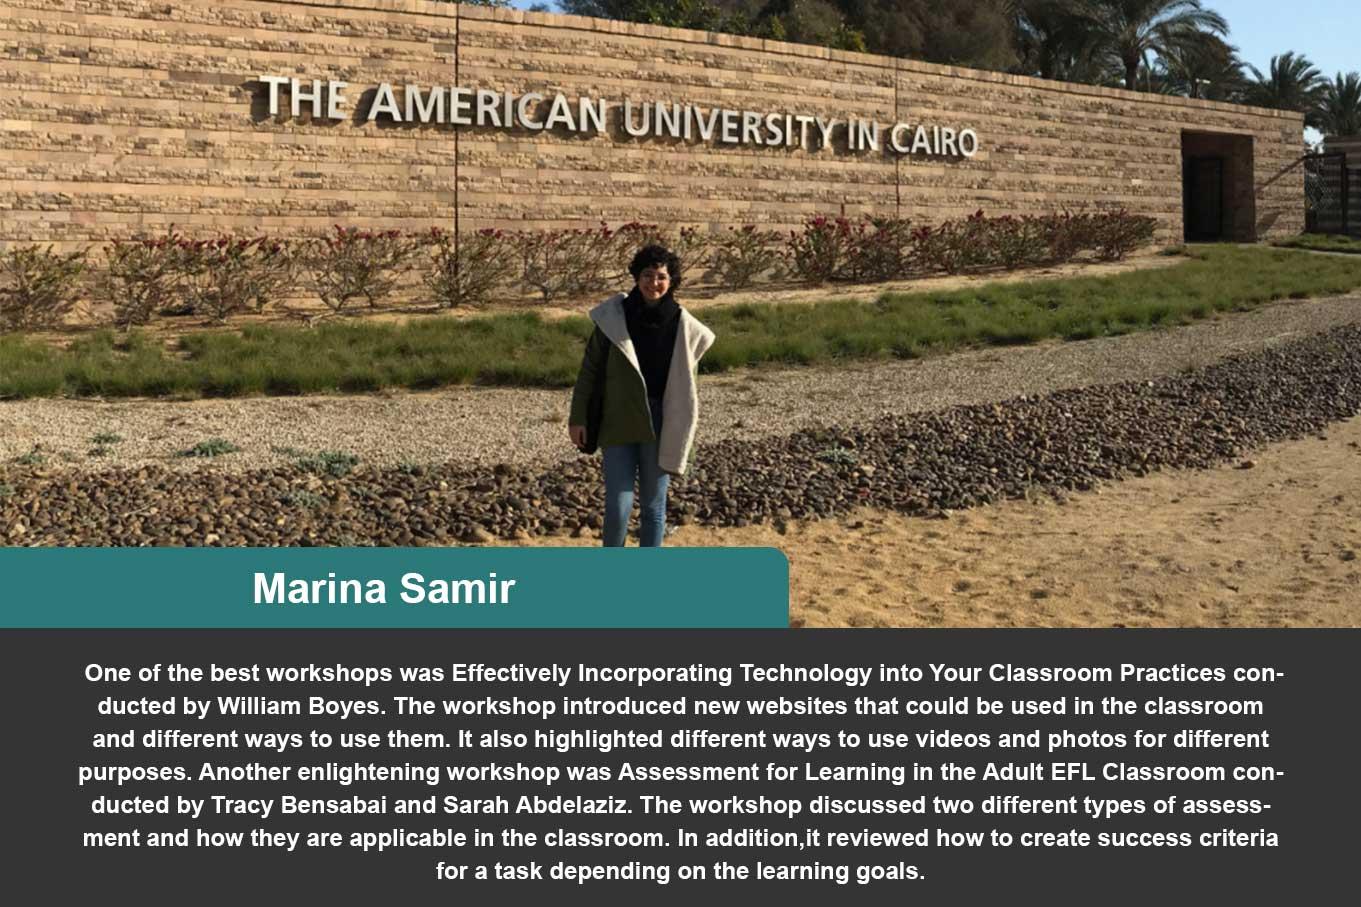 Marina Samir